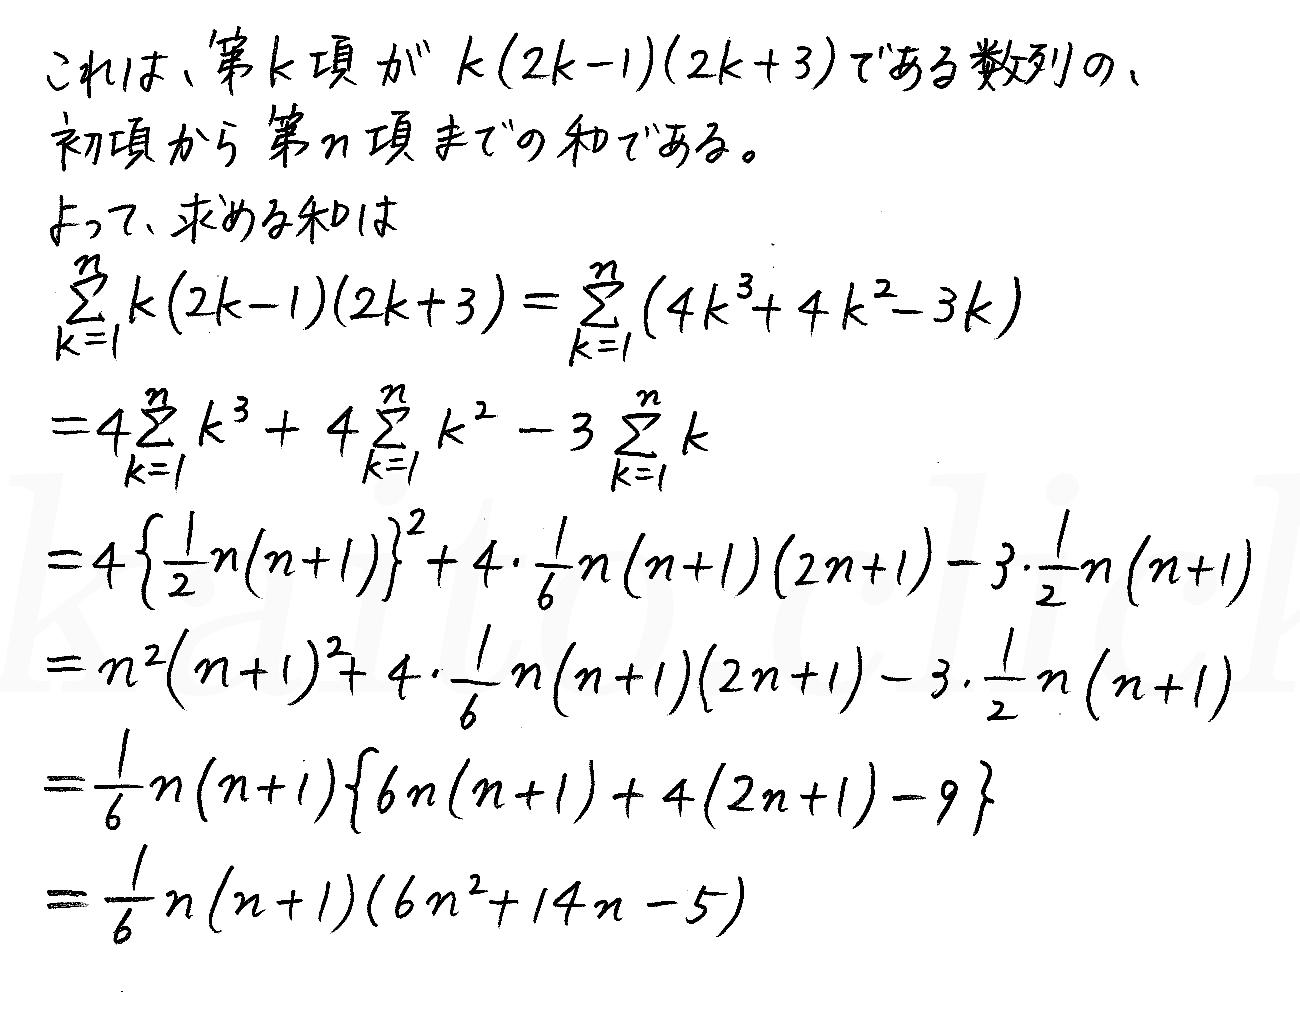 クリアー数学B-208解答